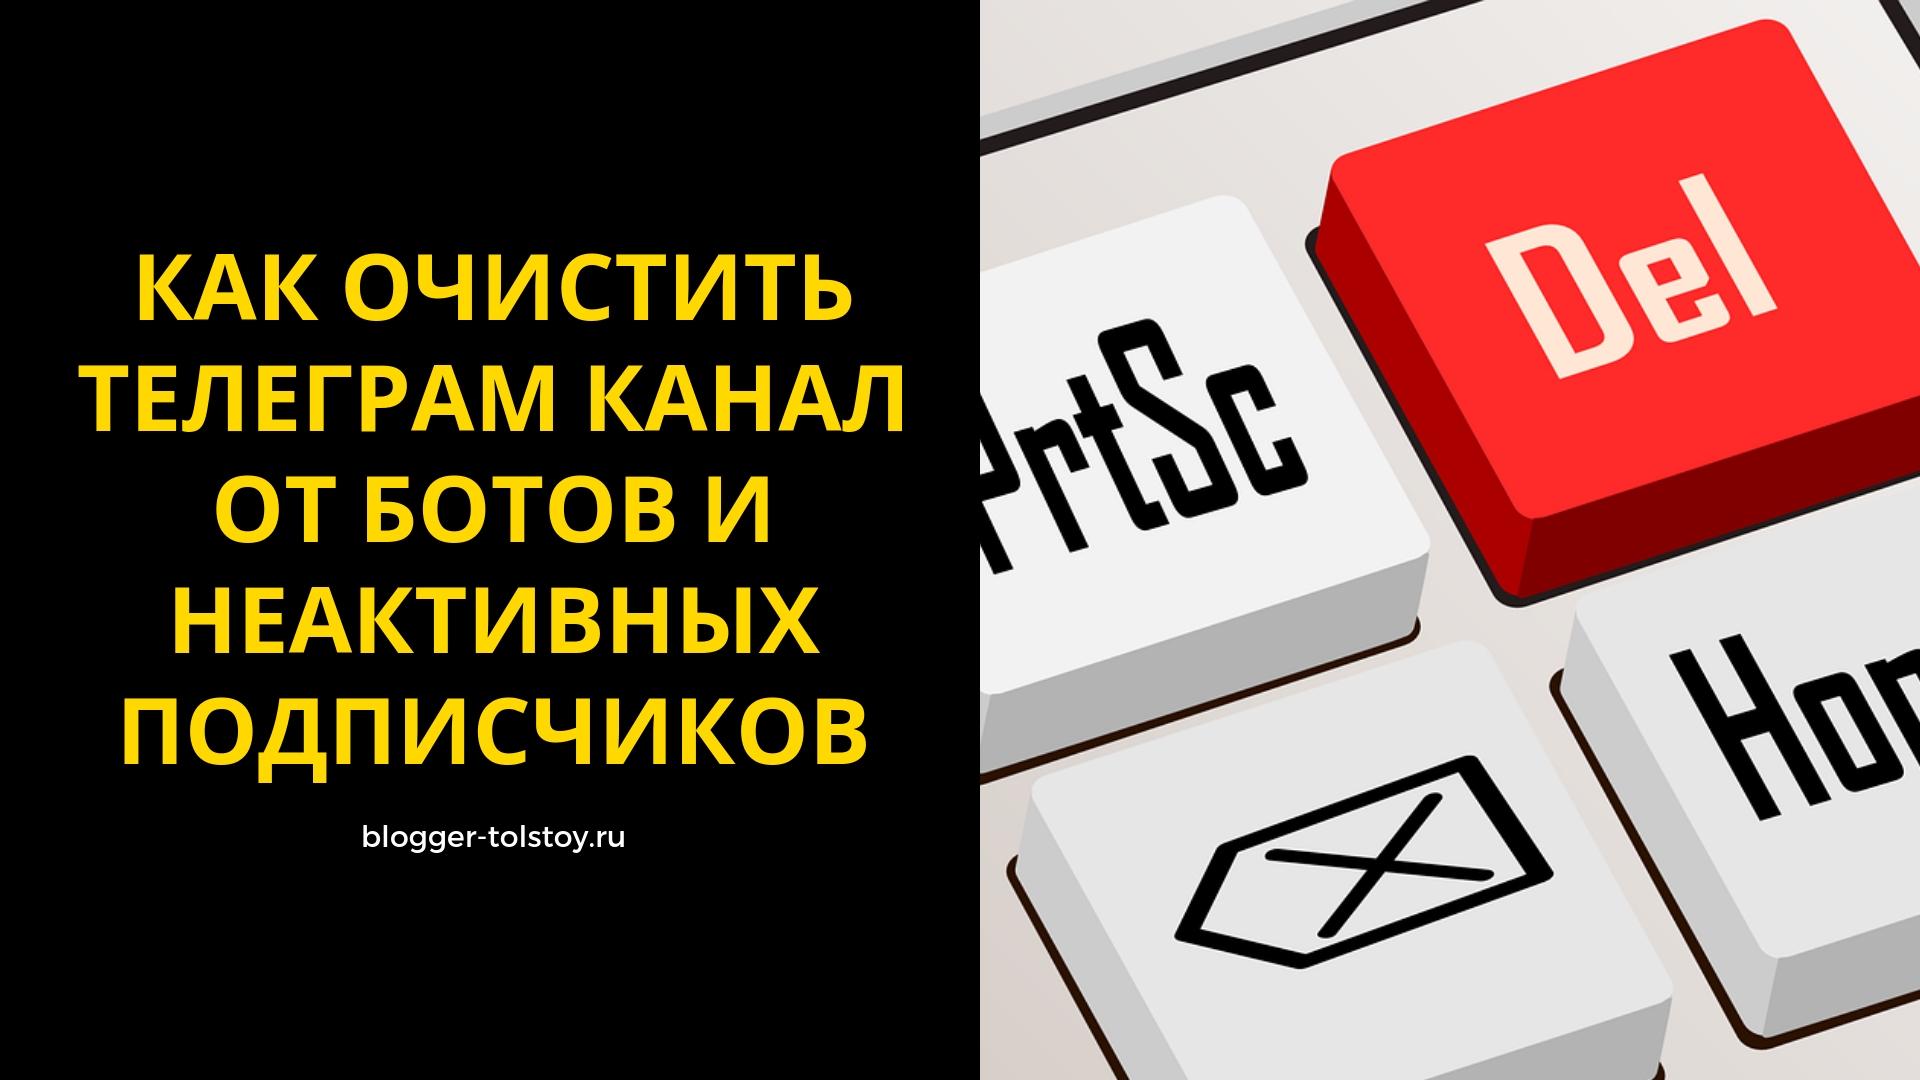 Как очистить телеграм канал от ботов и неактивных подписчиков